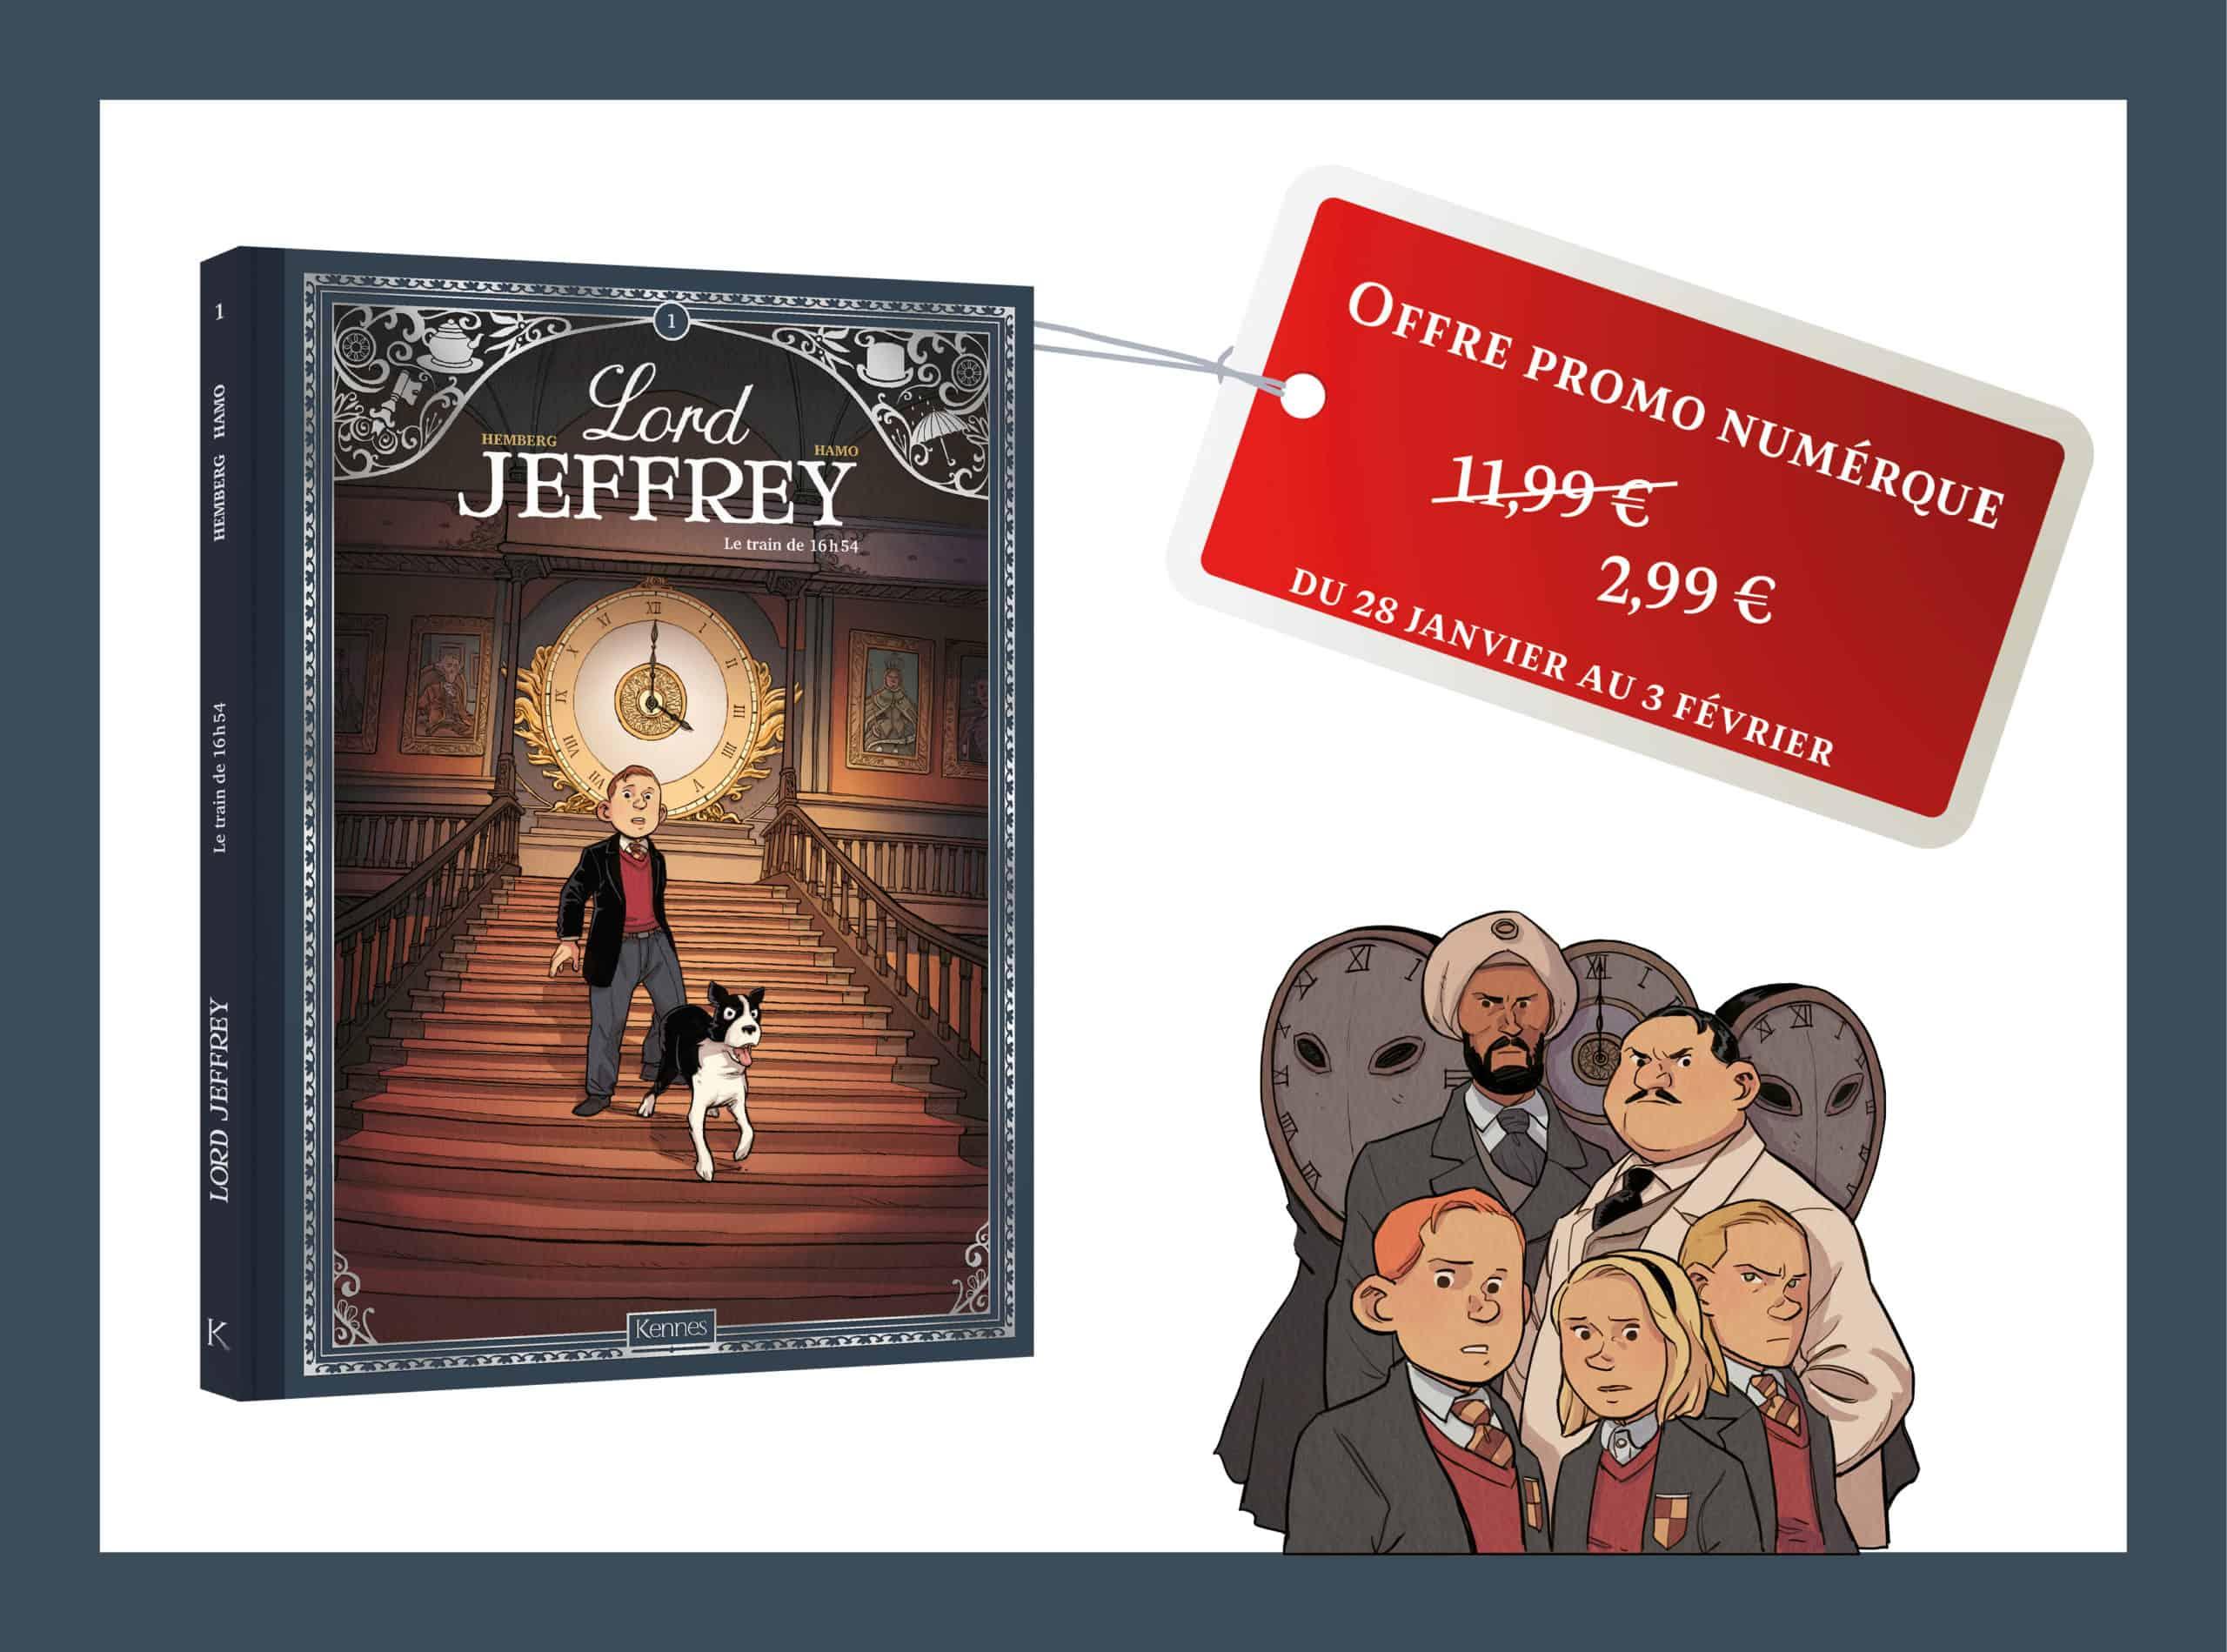 Lord Jeffrey BD01